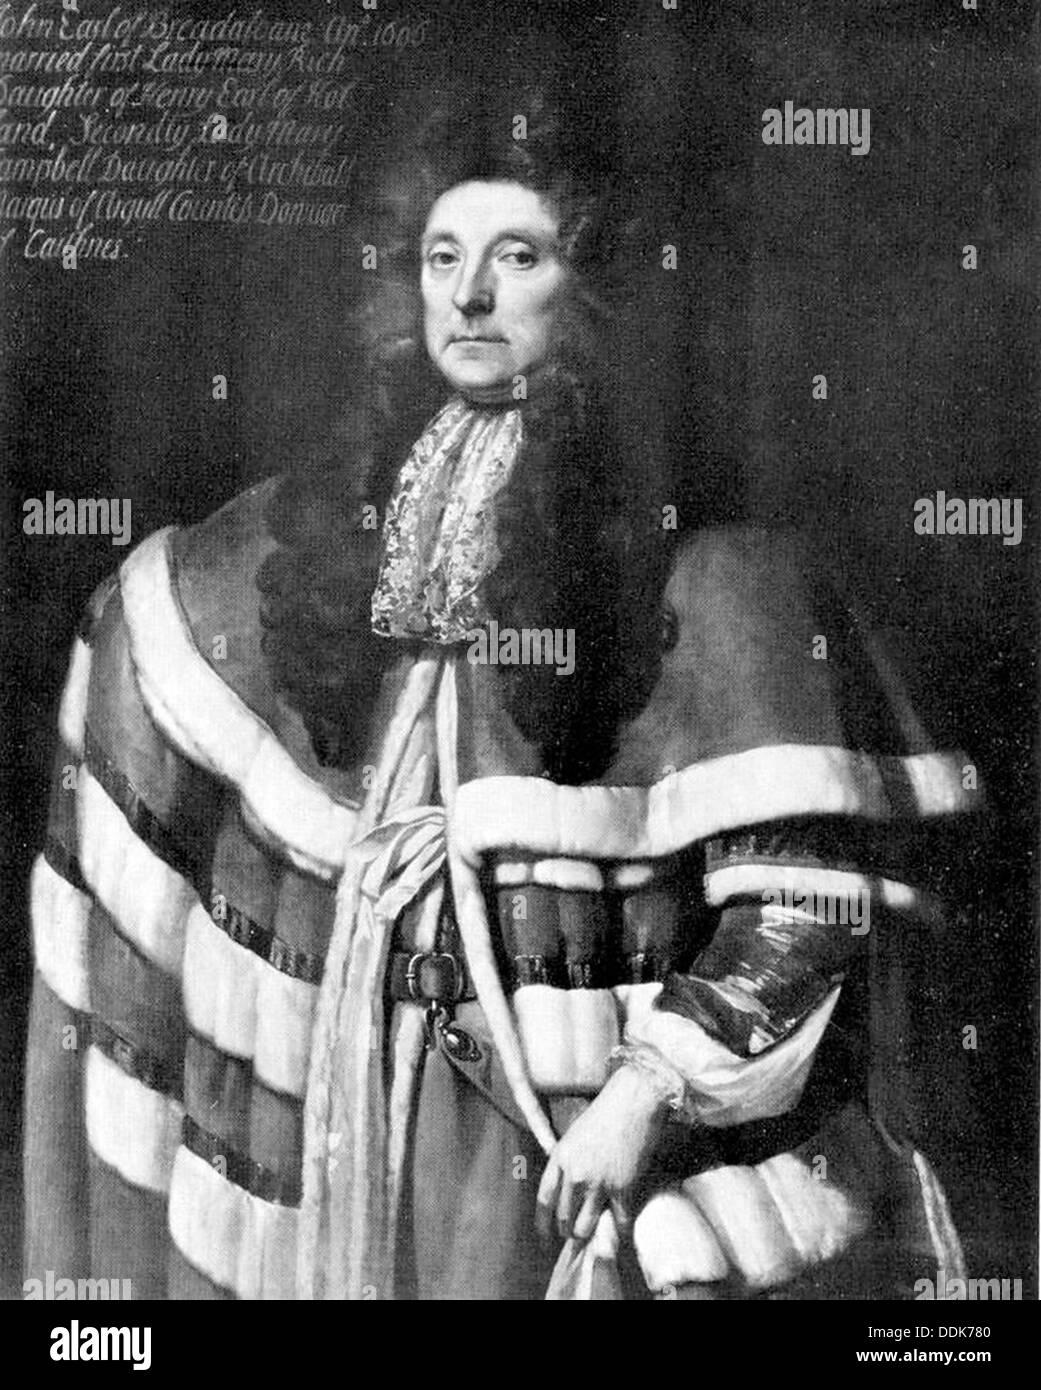 John Campbell, 1st Earl of Breadalbane (1635-1717) - Stock Image